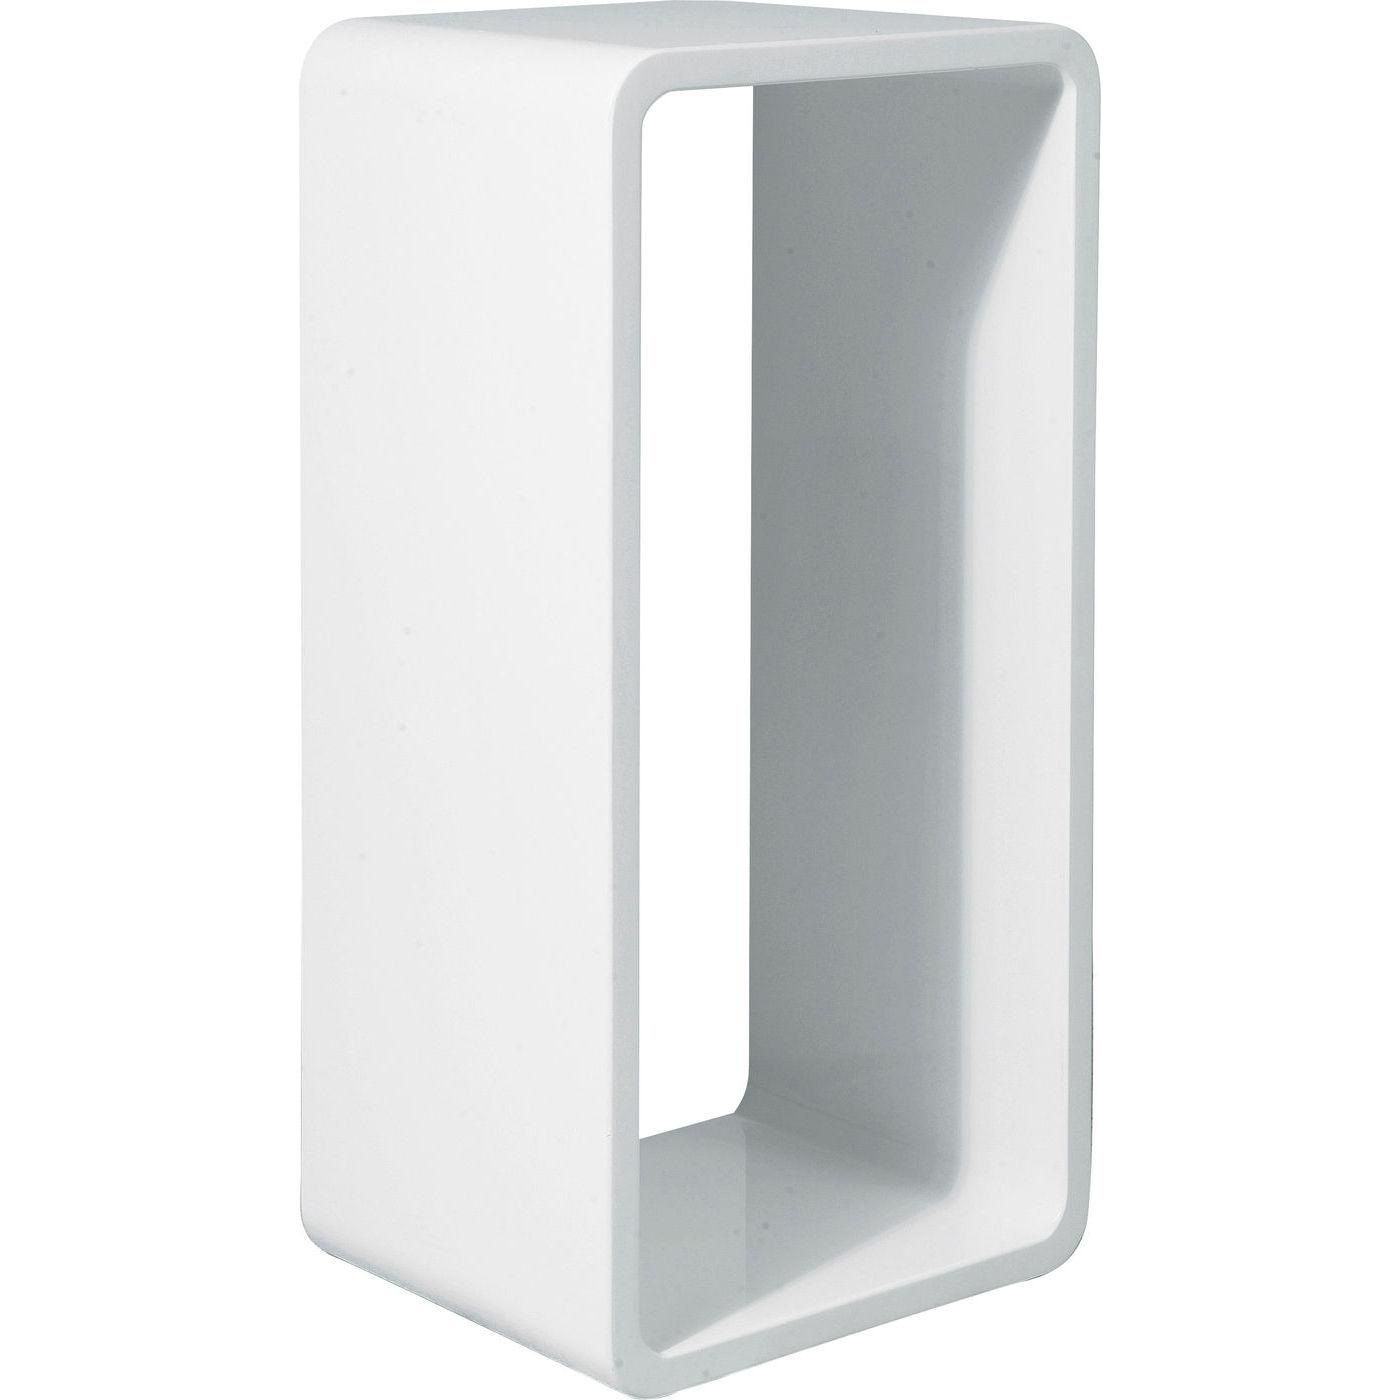 Billede af Kare Design Lounge Cube Reol